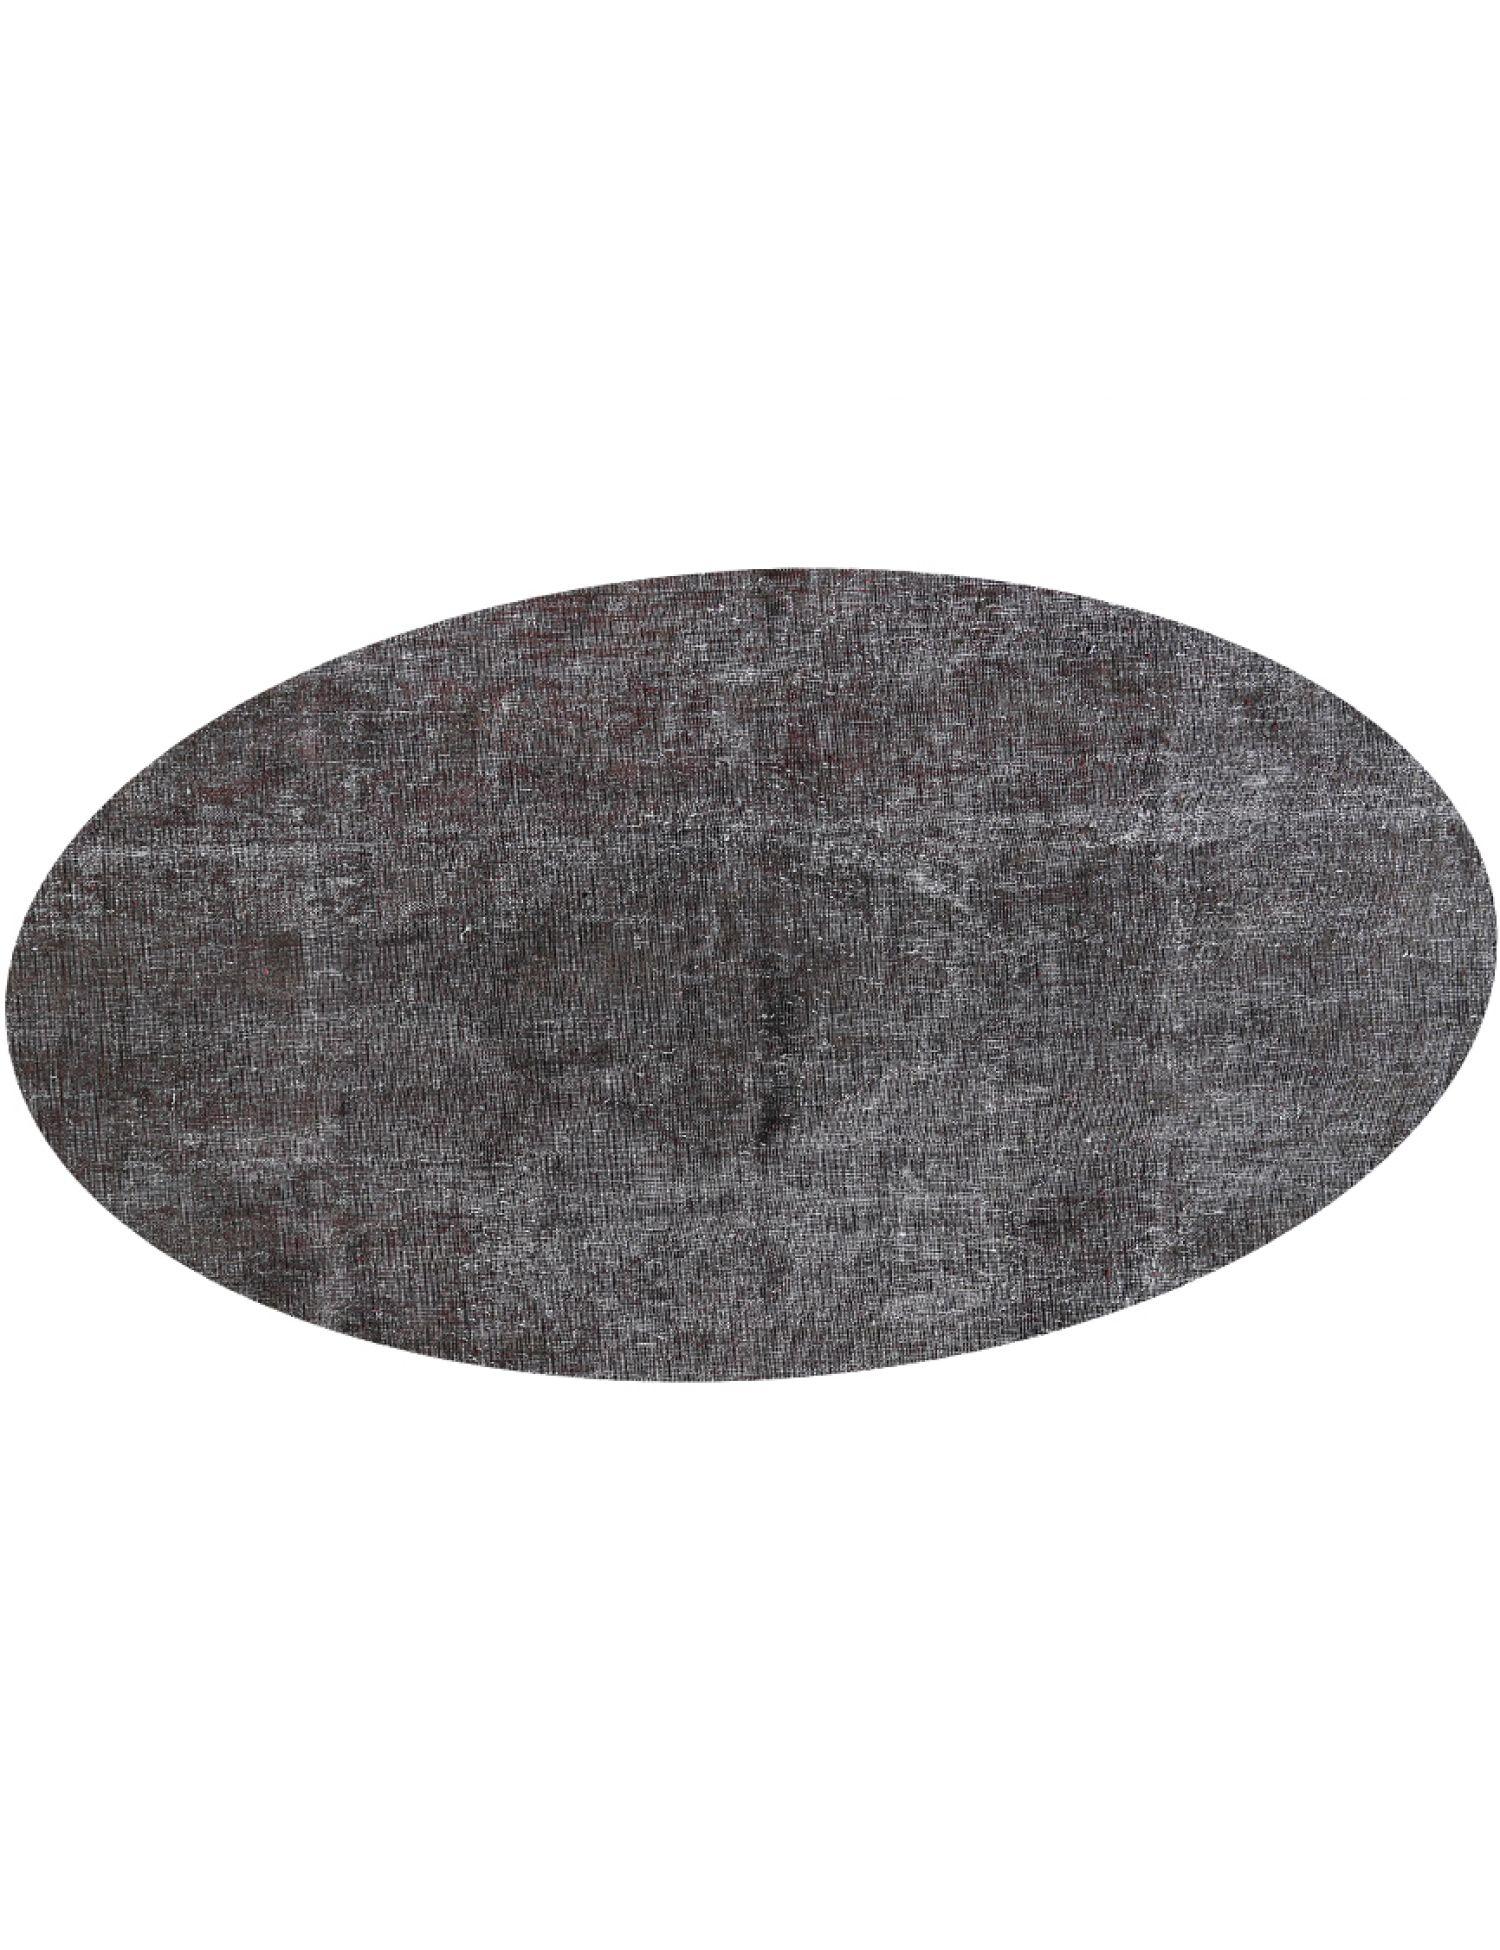 Tappeto Vintage  nero <br/>250 x 250 cm